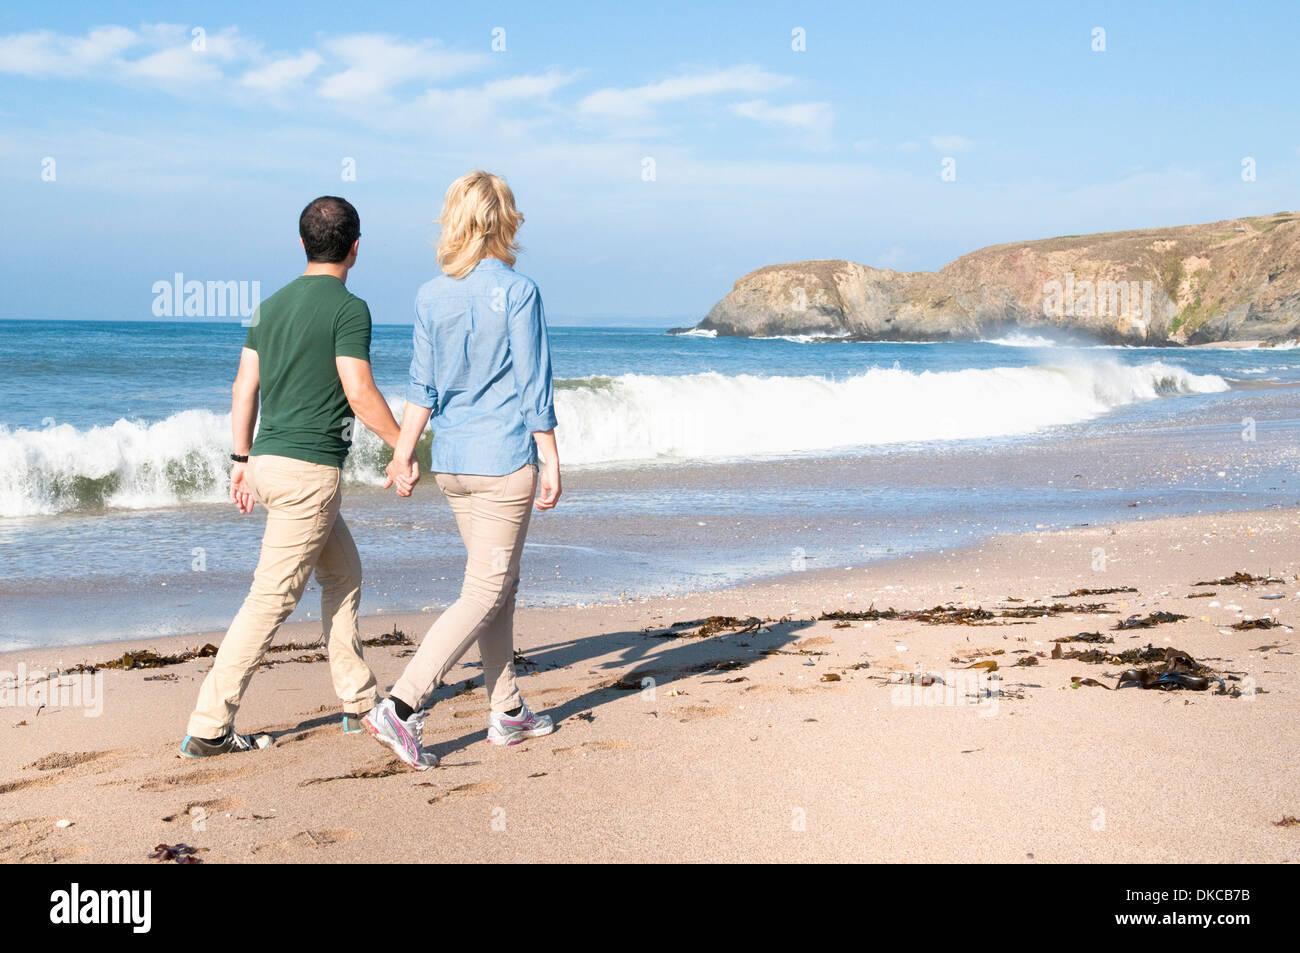 Metà adulto giovane camminando sulla spiaggia, Thurlestone, Devon, Regno Unito Immagini Stock